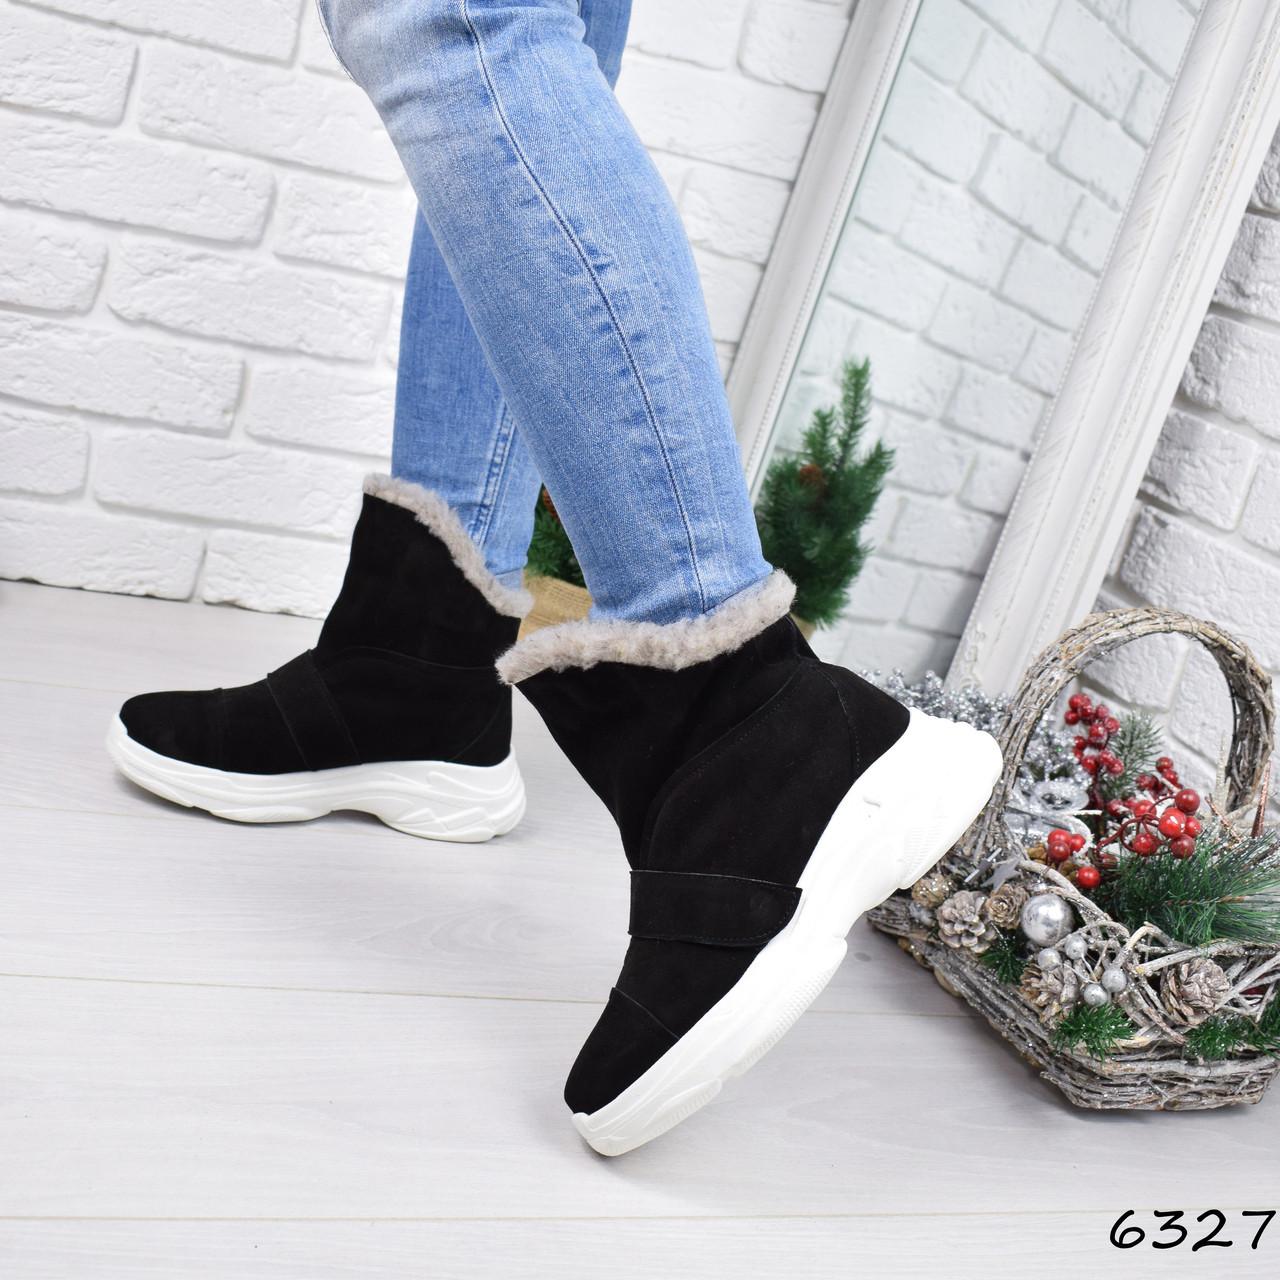 Ботинки женские Sirius черный 6327 ЗИМА